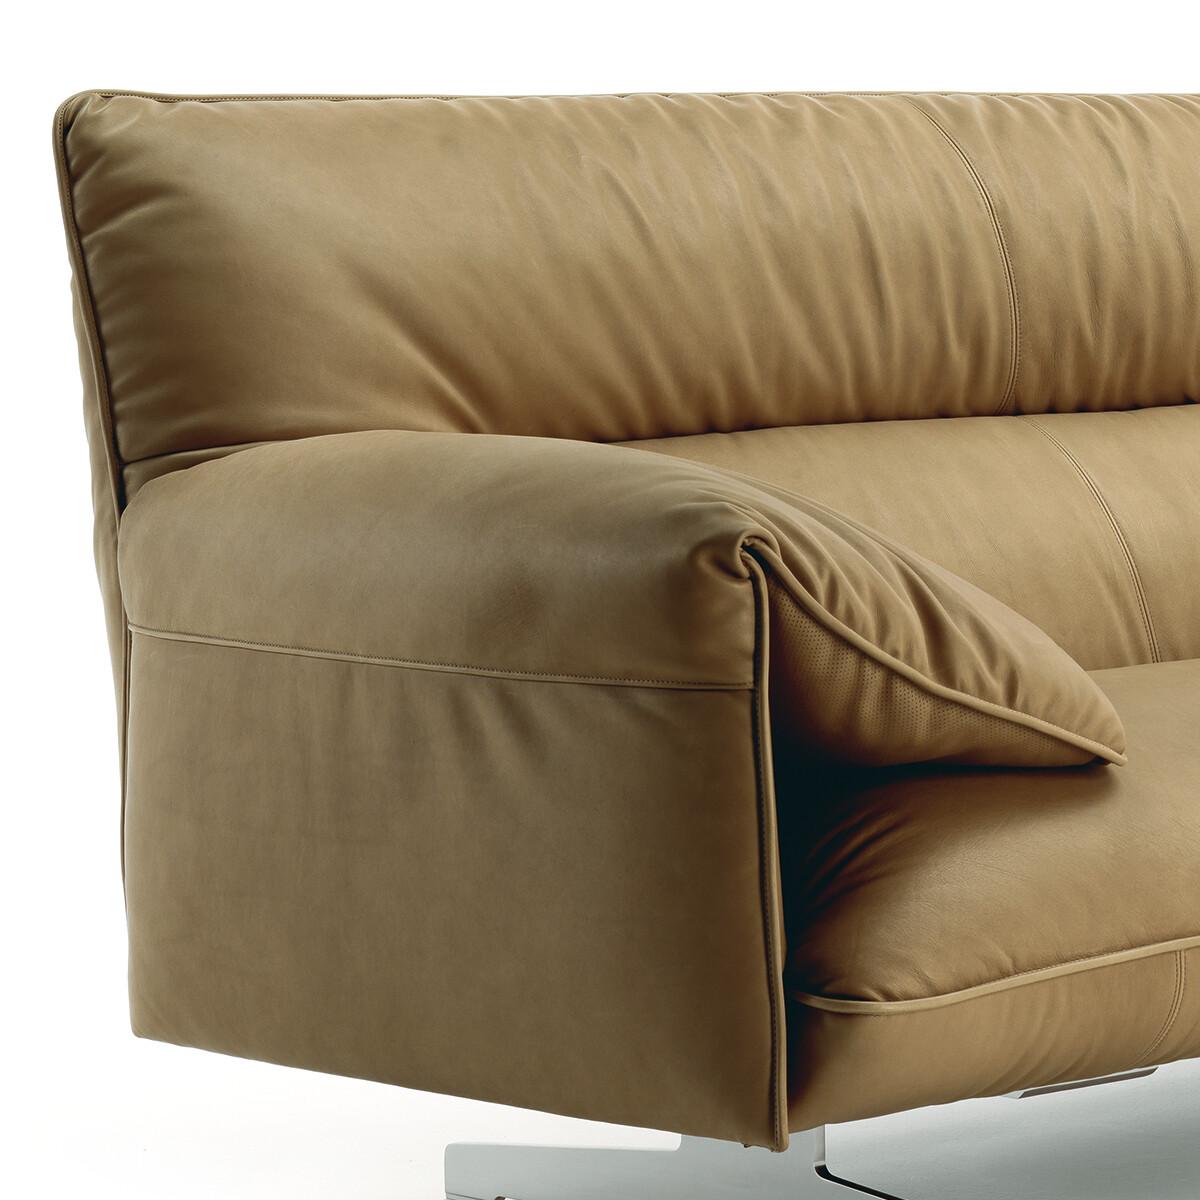 poltrona frau antohn sofa 3 sitzer casa de. Black Bedroom Furniture Sets. Home Design Ideas